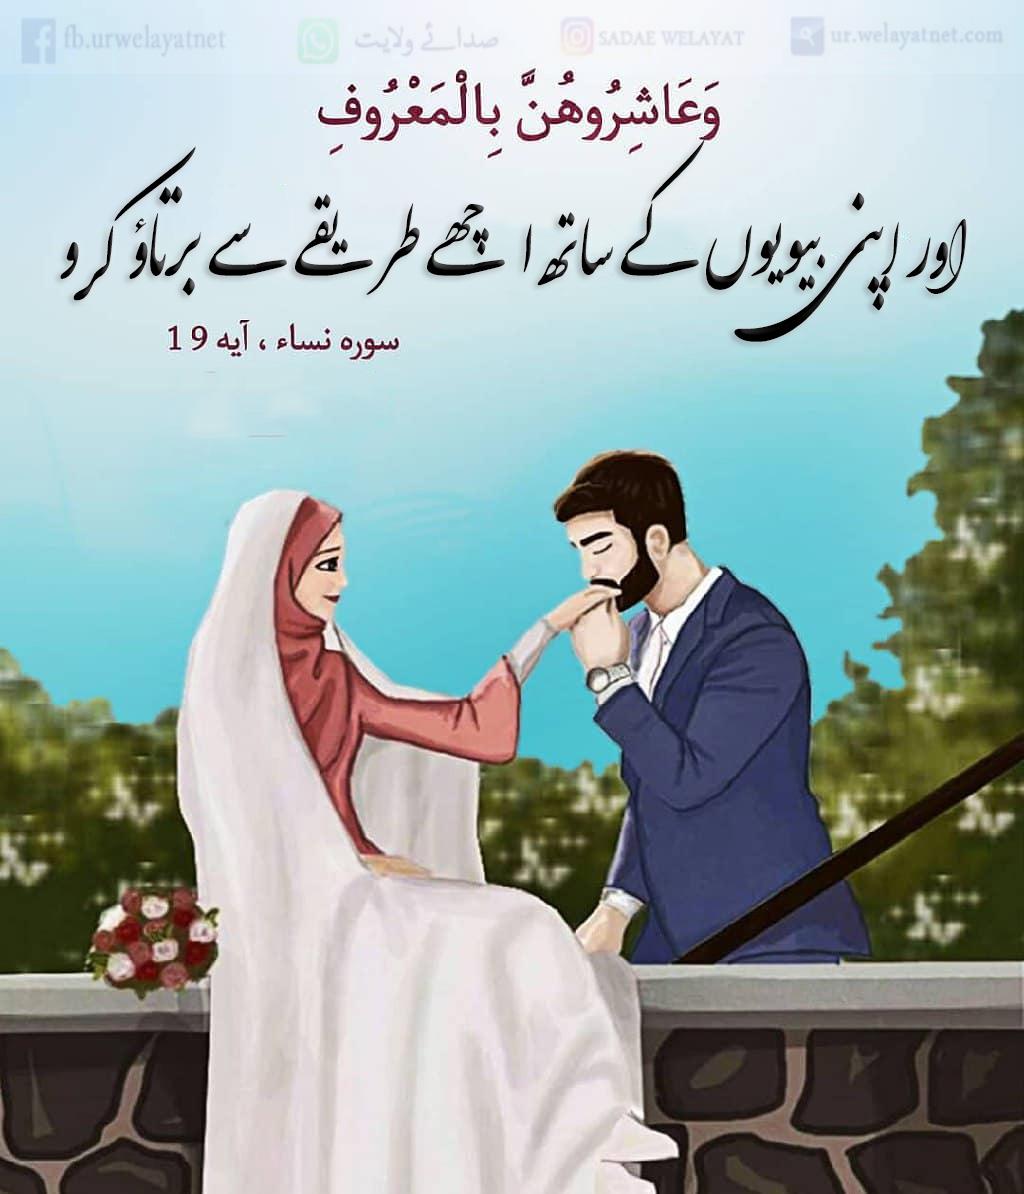 بیویوں سے اچھا برتاؤ